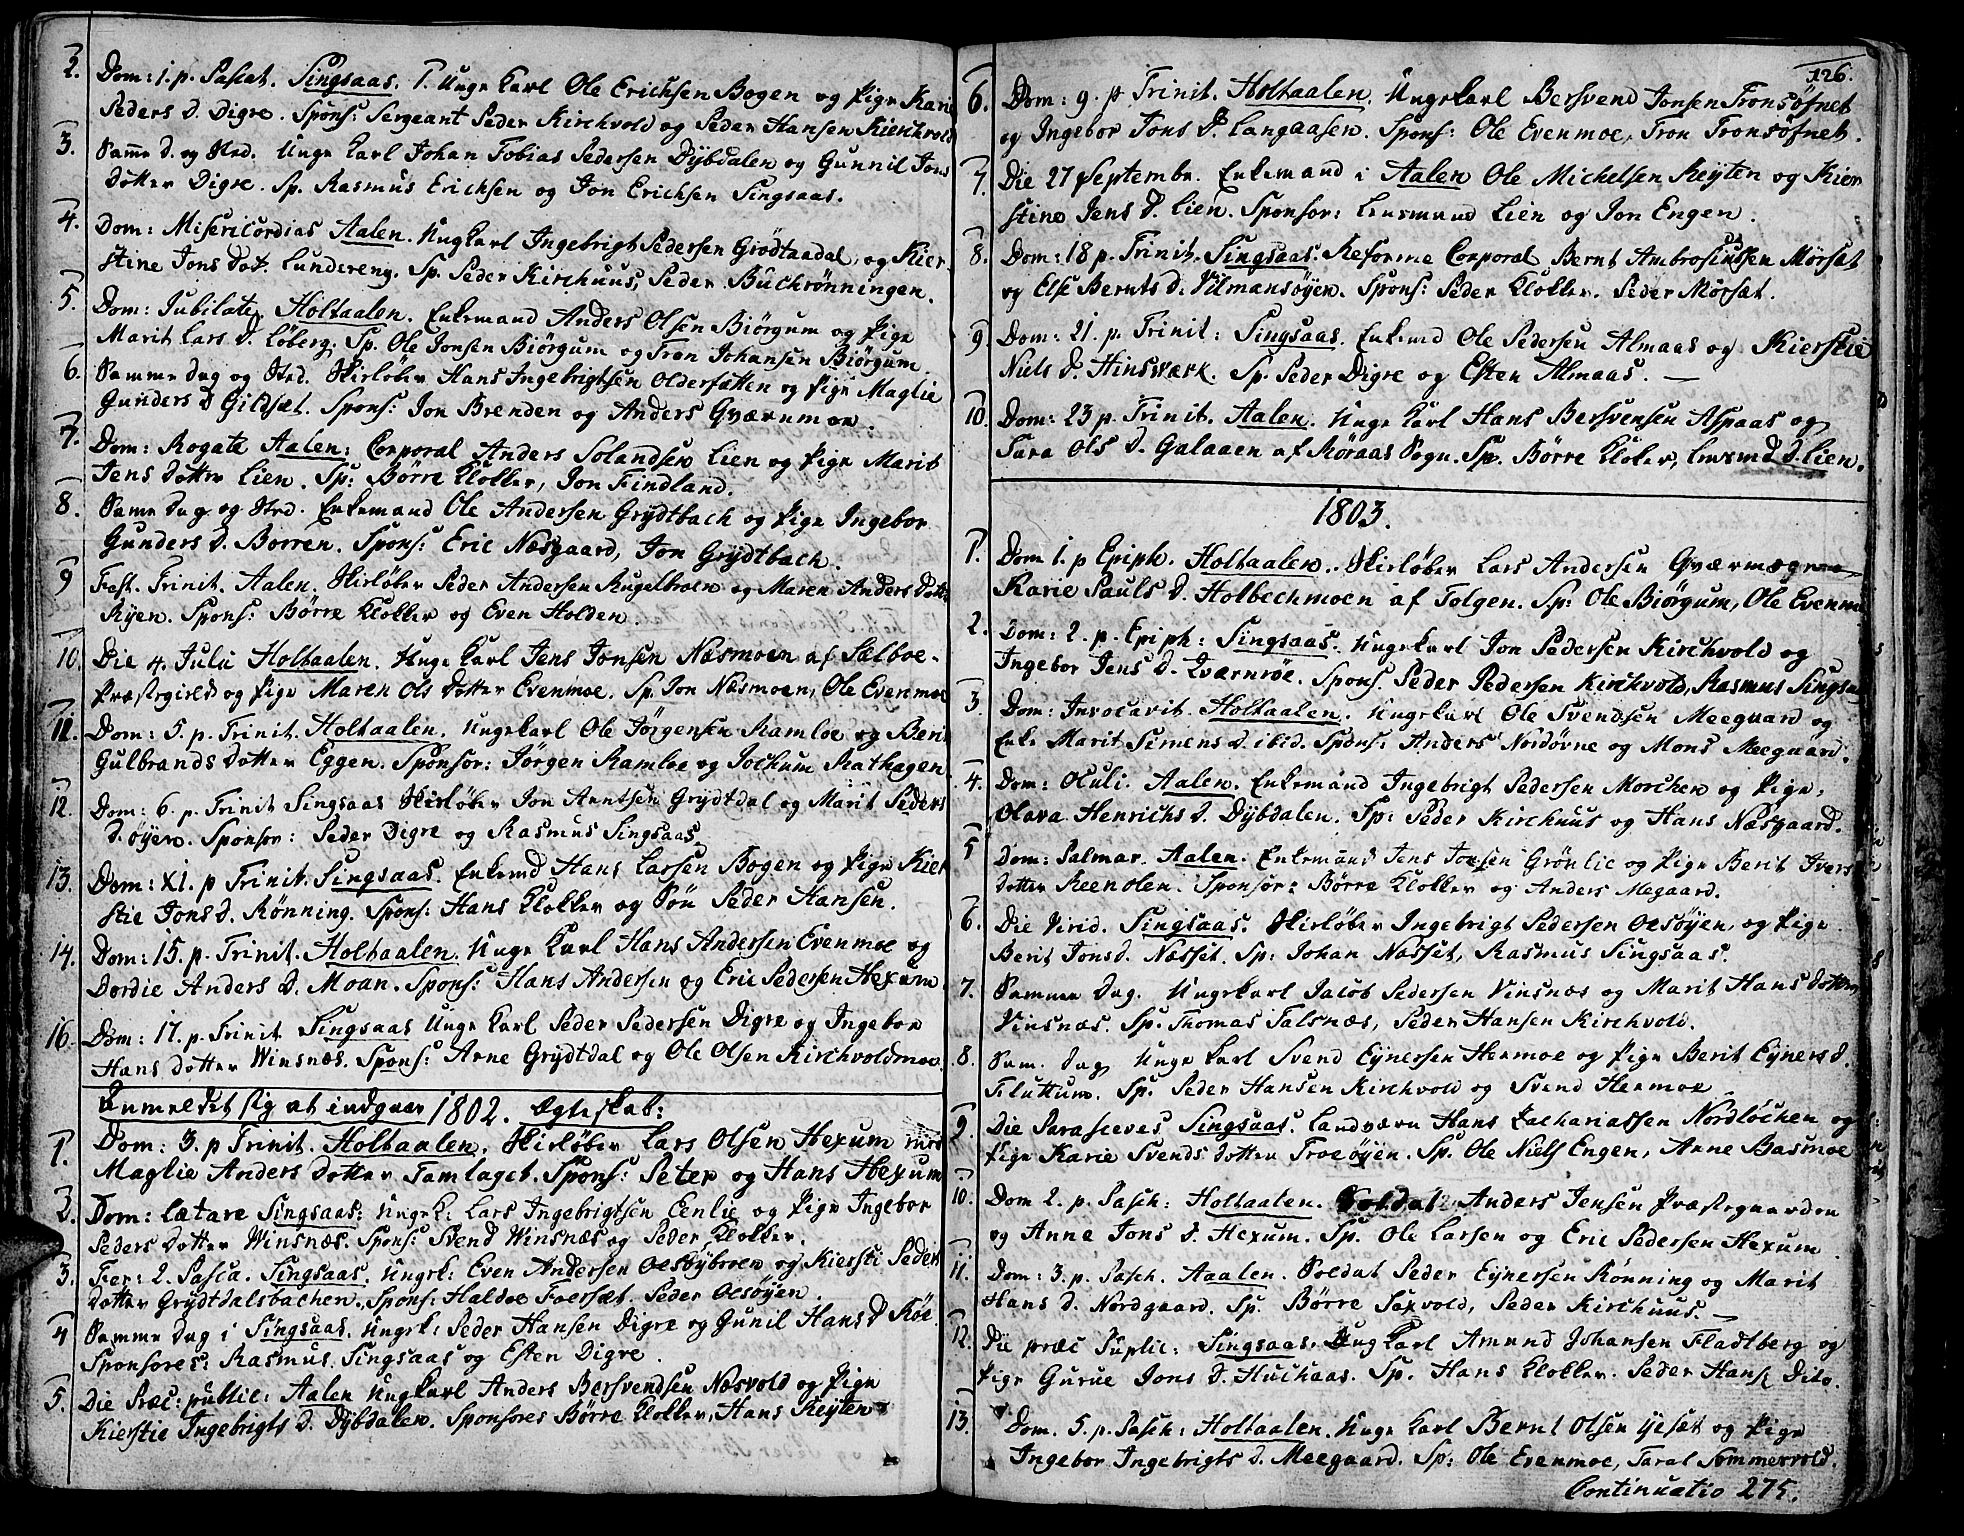 SAT, Ministerialprotokoller, klokkerbøker og fødselsregistre - Sør-Trøndelag, 685/L0952: Ministerialbok nr. 685A01, 1745-1804, s. 126